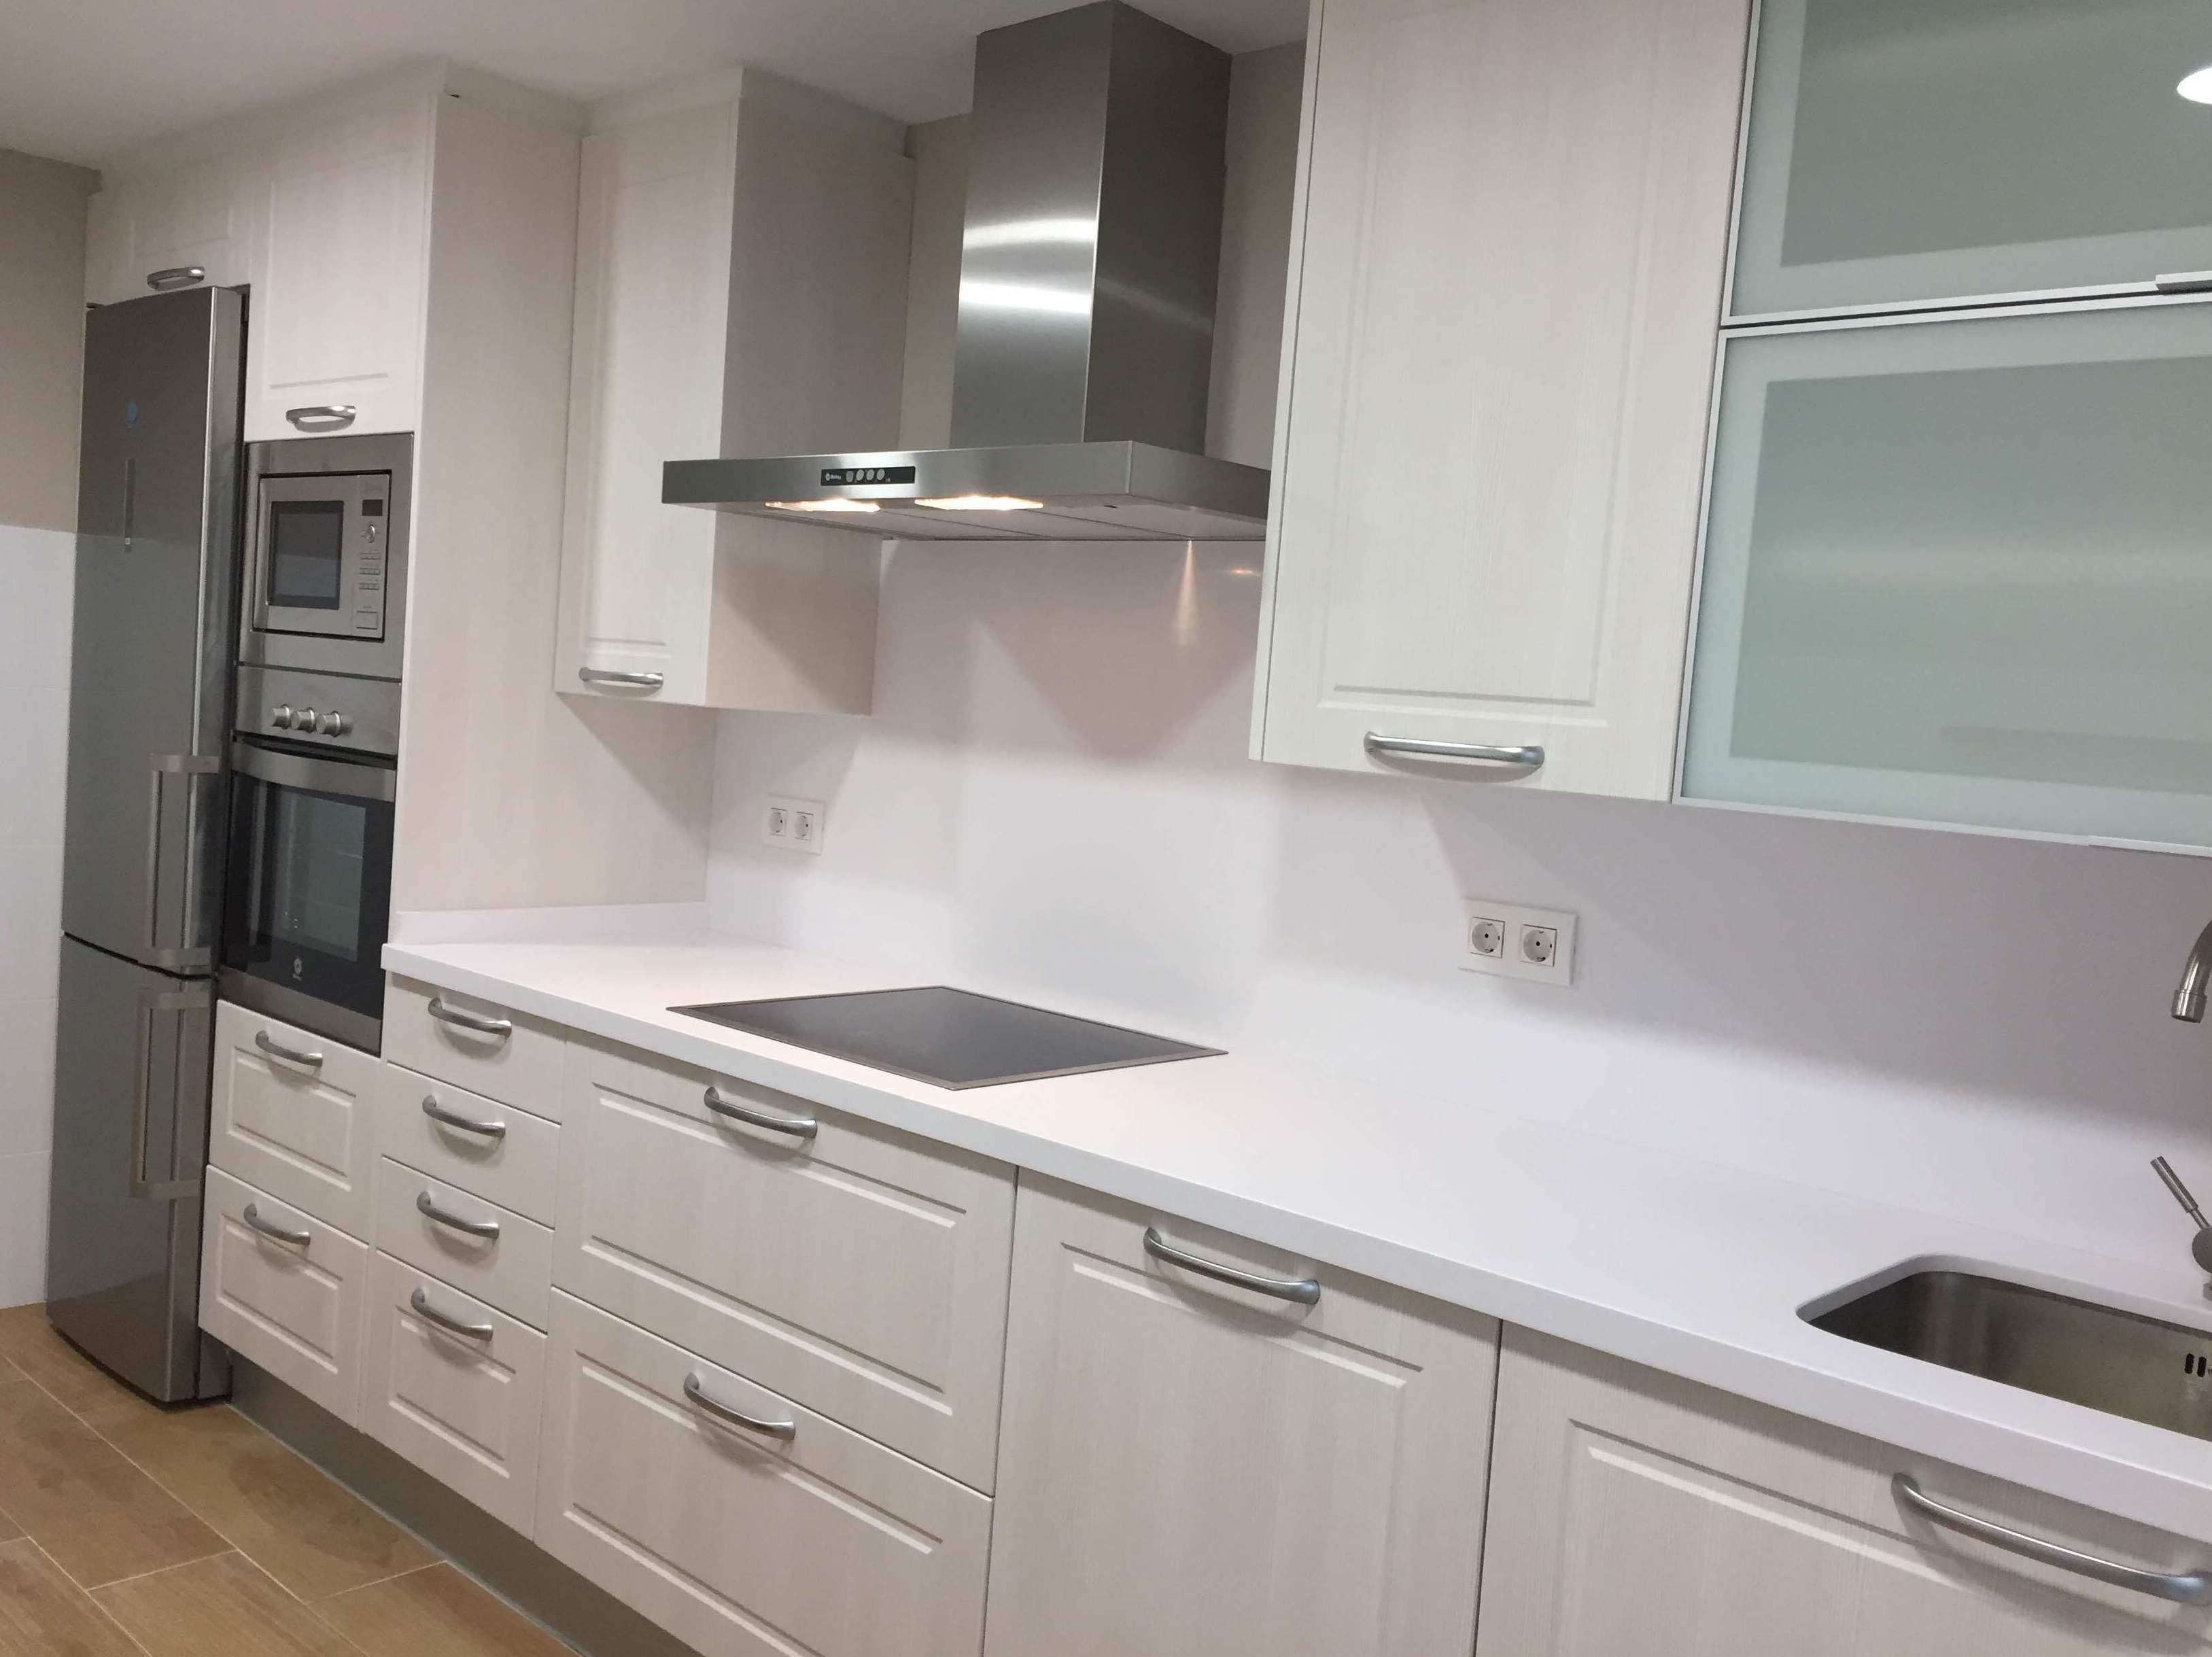 Foto 45 de muebles de ba o y cocina en a coru a espacios - Cocinas en coruna ...